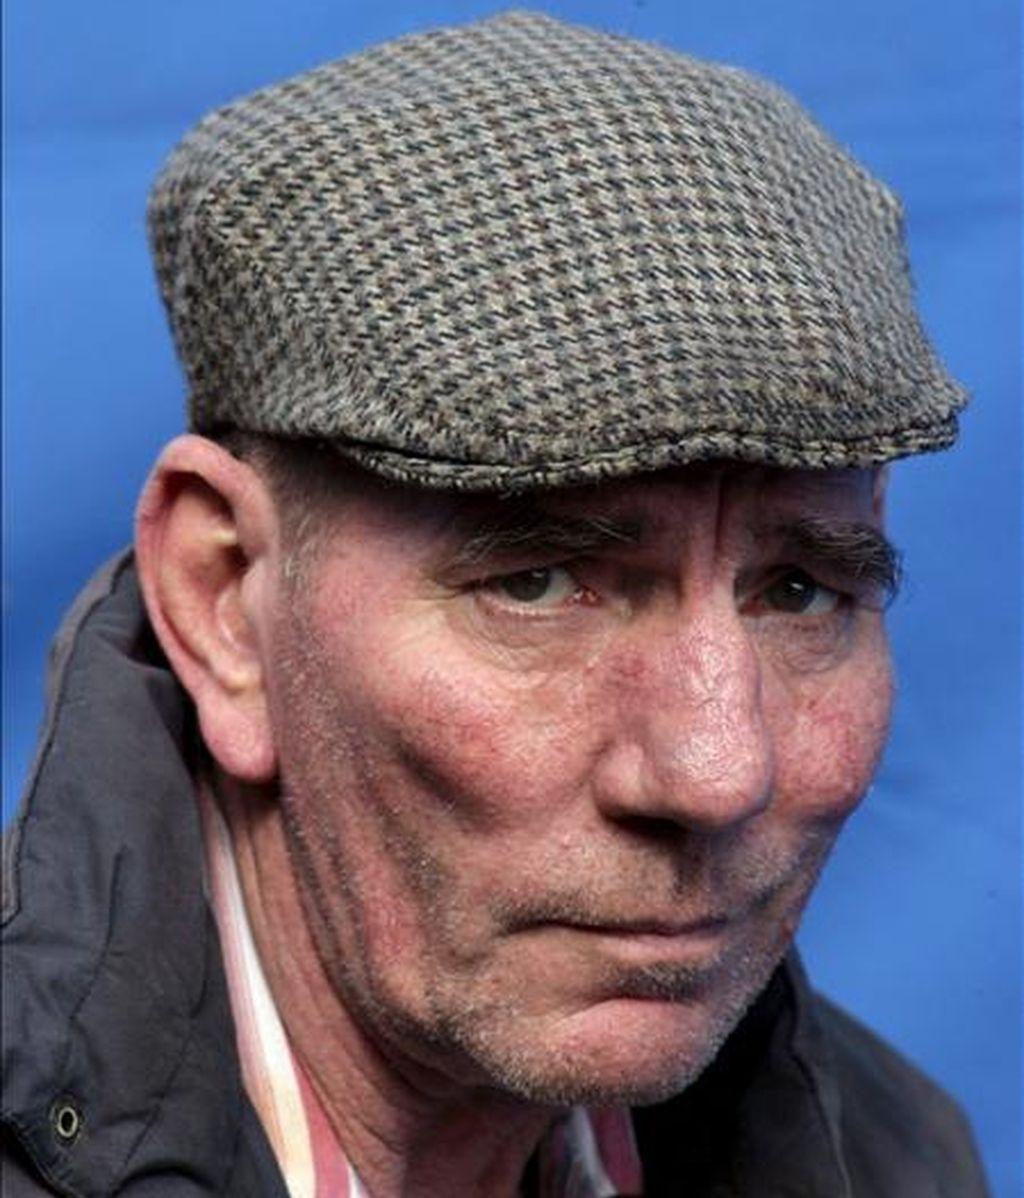 """Foto de archivo tomada el 20 de abril de 2006 del actor británico Pete Postlethwaite mientras posa para los fotógrafos durante el rodaje de la película """"Closing the Ring"""" en el norte de Belfast, Irlanda del Norte (Reino Unido). Según varios medios locales, Postlethwaite murió el 2 de enero de 2011 a los 64 años en un hospital de Shropshire tras una larga enfermedad. EFE"""